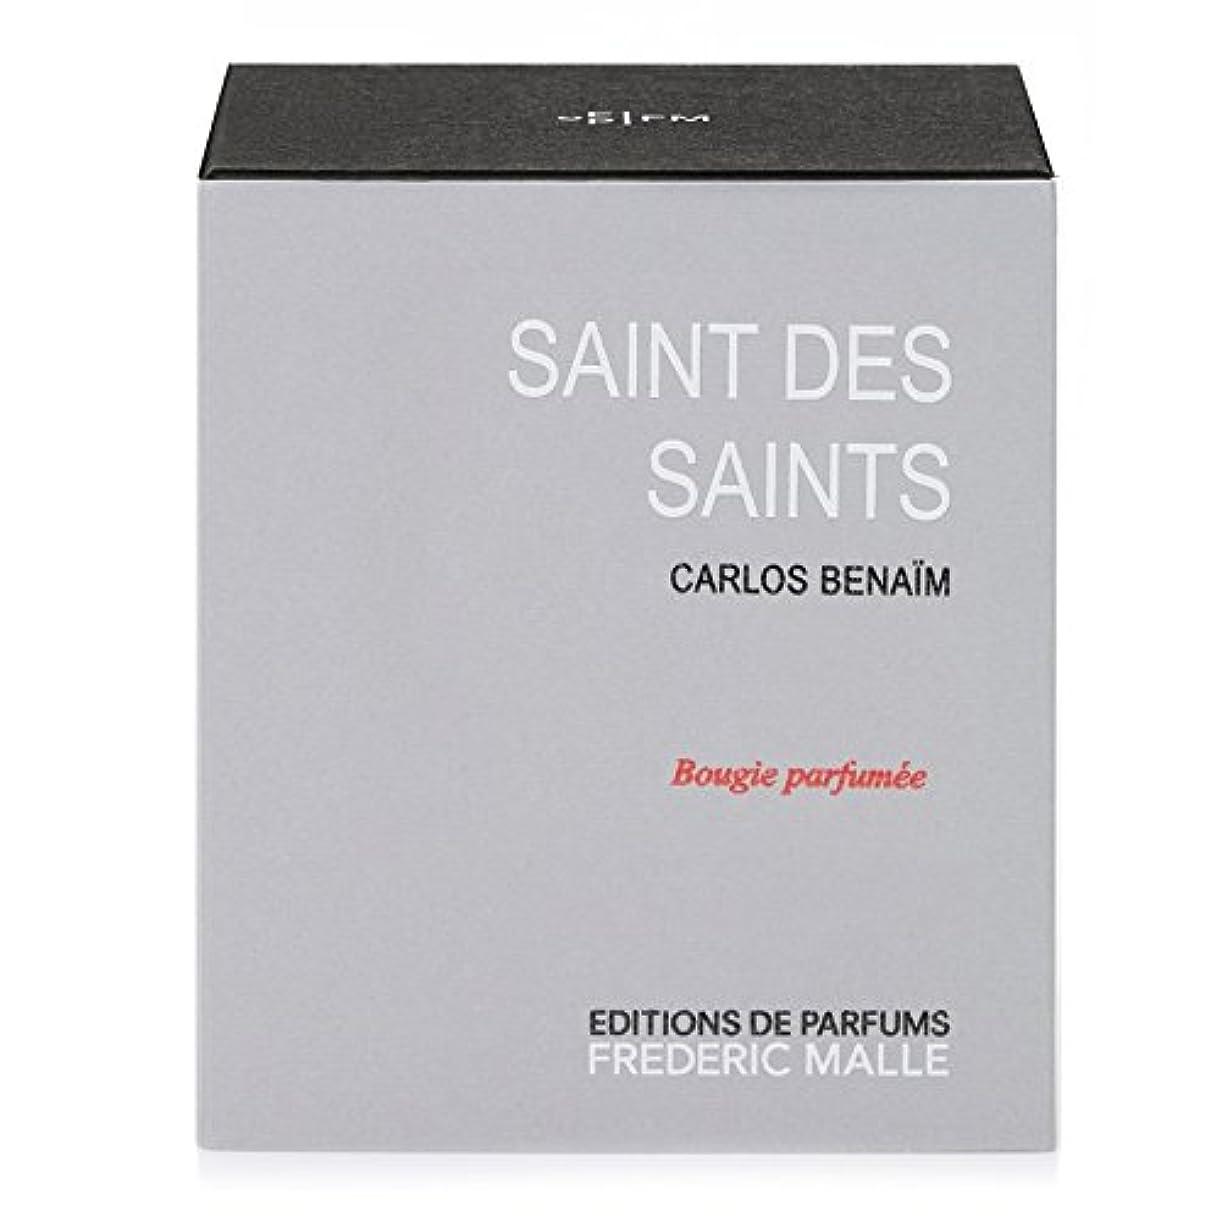 是正する議論する真夜中Frederic Malle Saint Des Saints Scented Candle 220g (Pack of 2) - フレデリック?マル聖人デ聖人の香りのキャンドル220グラム x2 [並行輸入品]